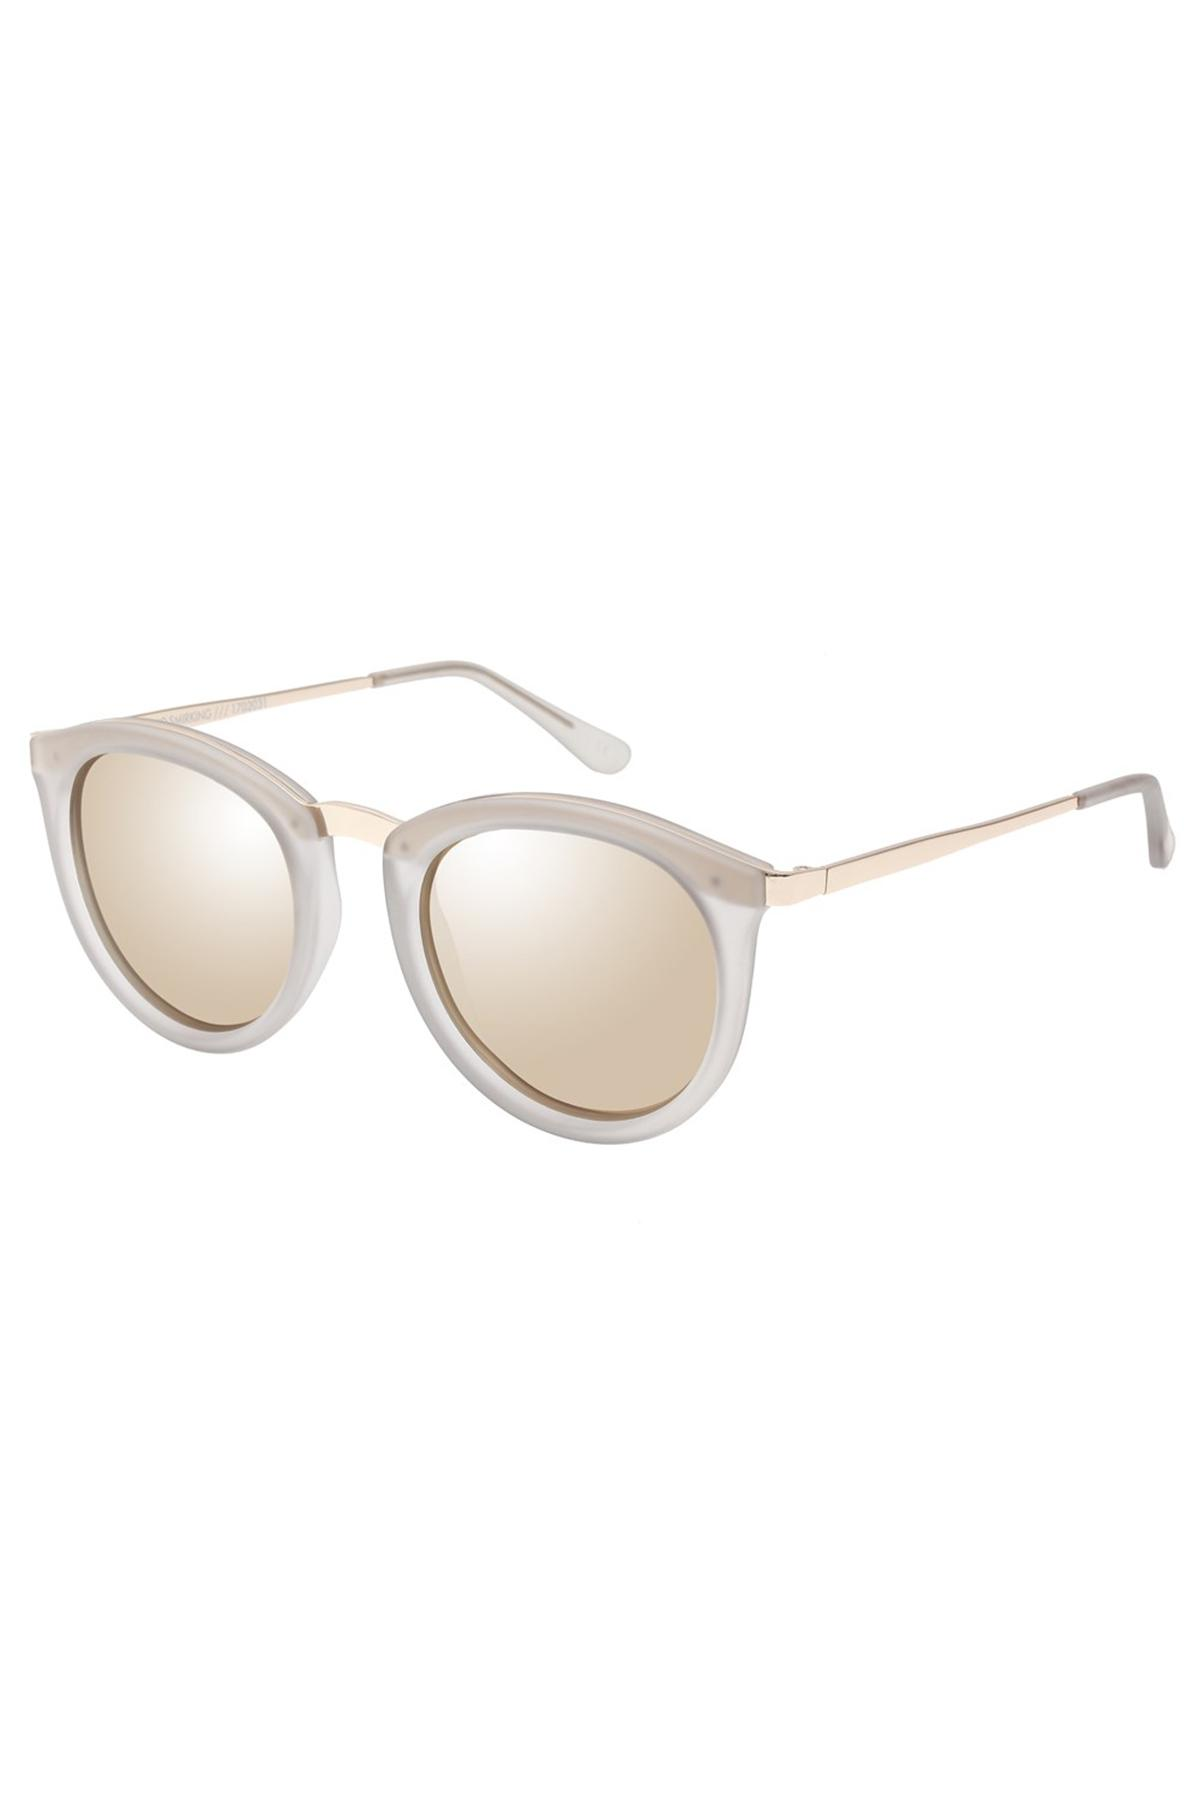 9b81da1d87 Le Specs No Smirking Sunglasses In Mist Matte - Lyst